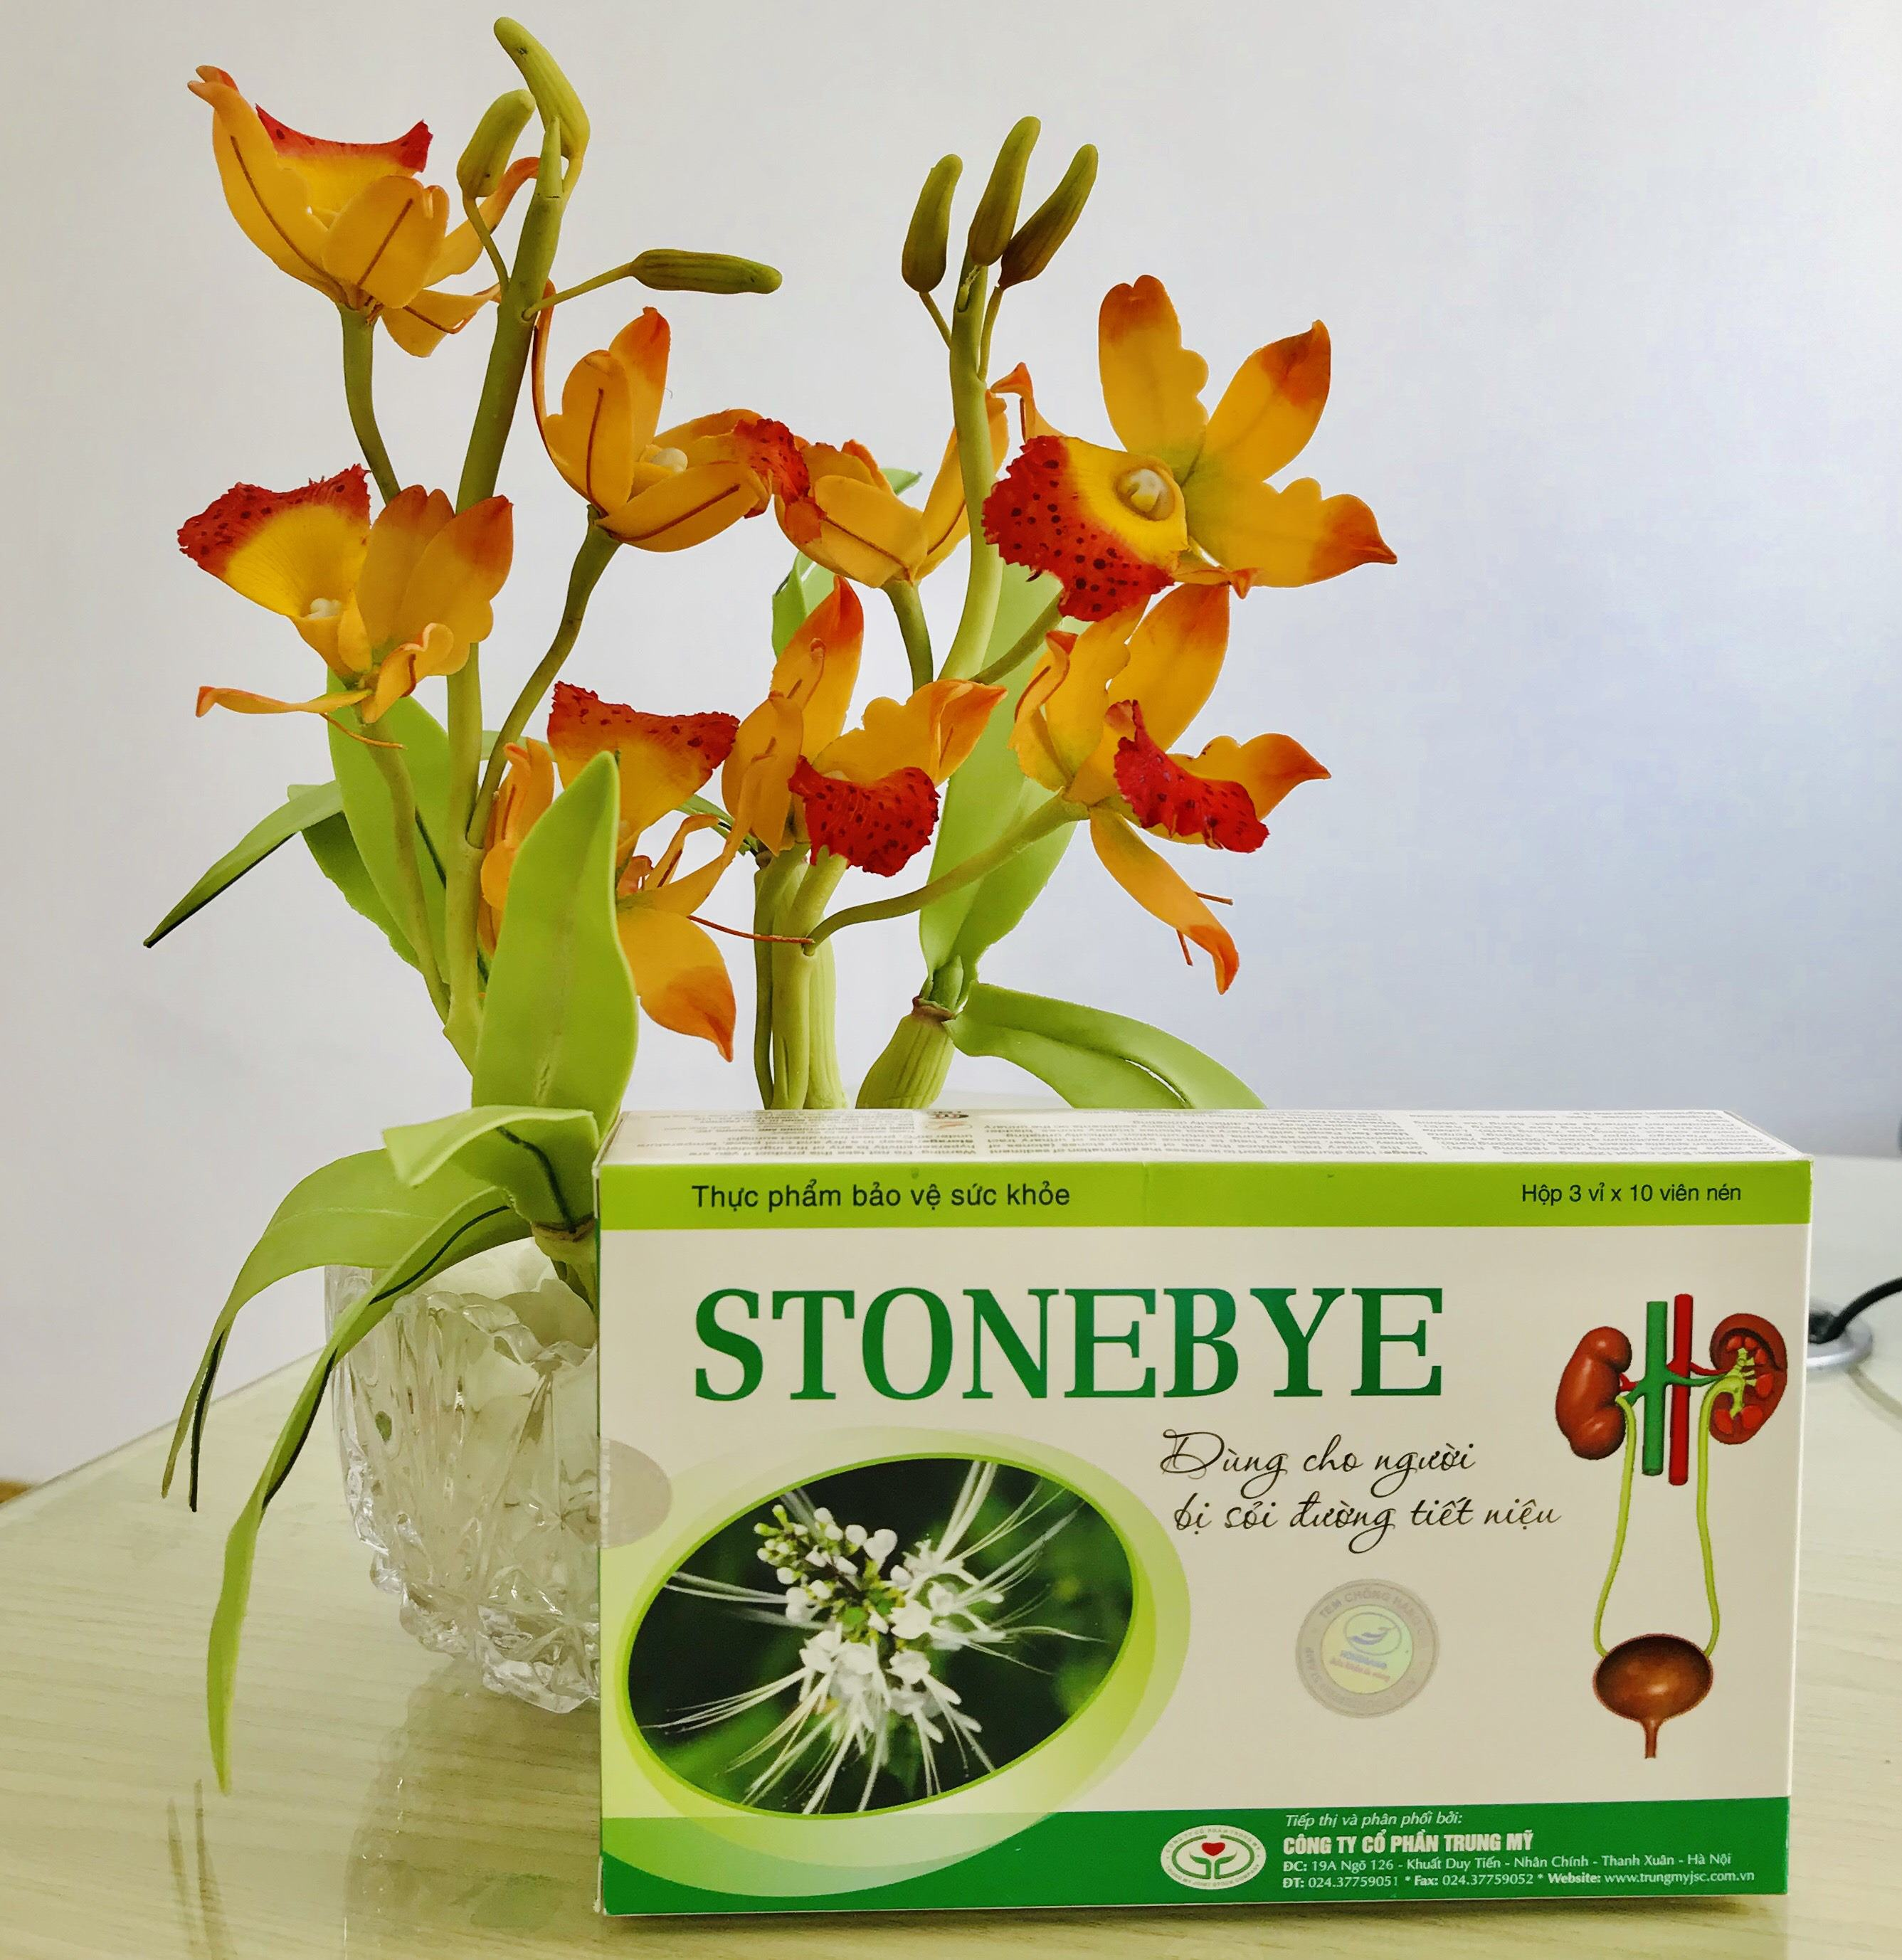 Stonebye – Giải pháp hỗ trợ sỏi tiết niệu và viêm tiết niệu